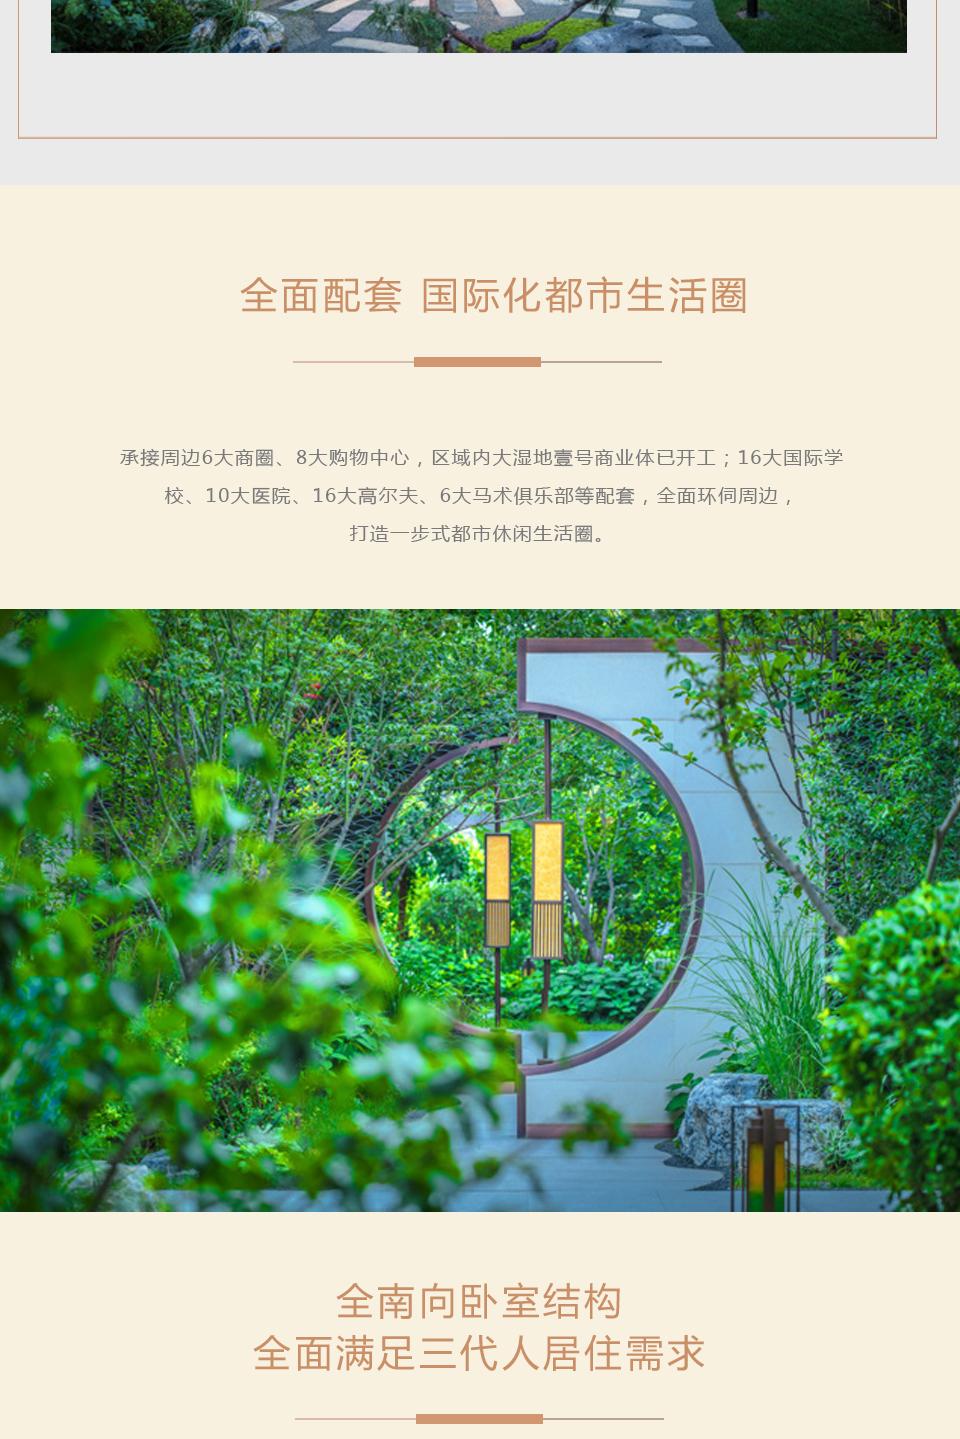 龍湖景粼原著:著立孫河 精工雕琢宜居之宅3